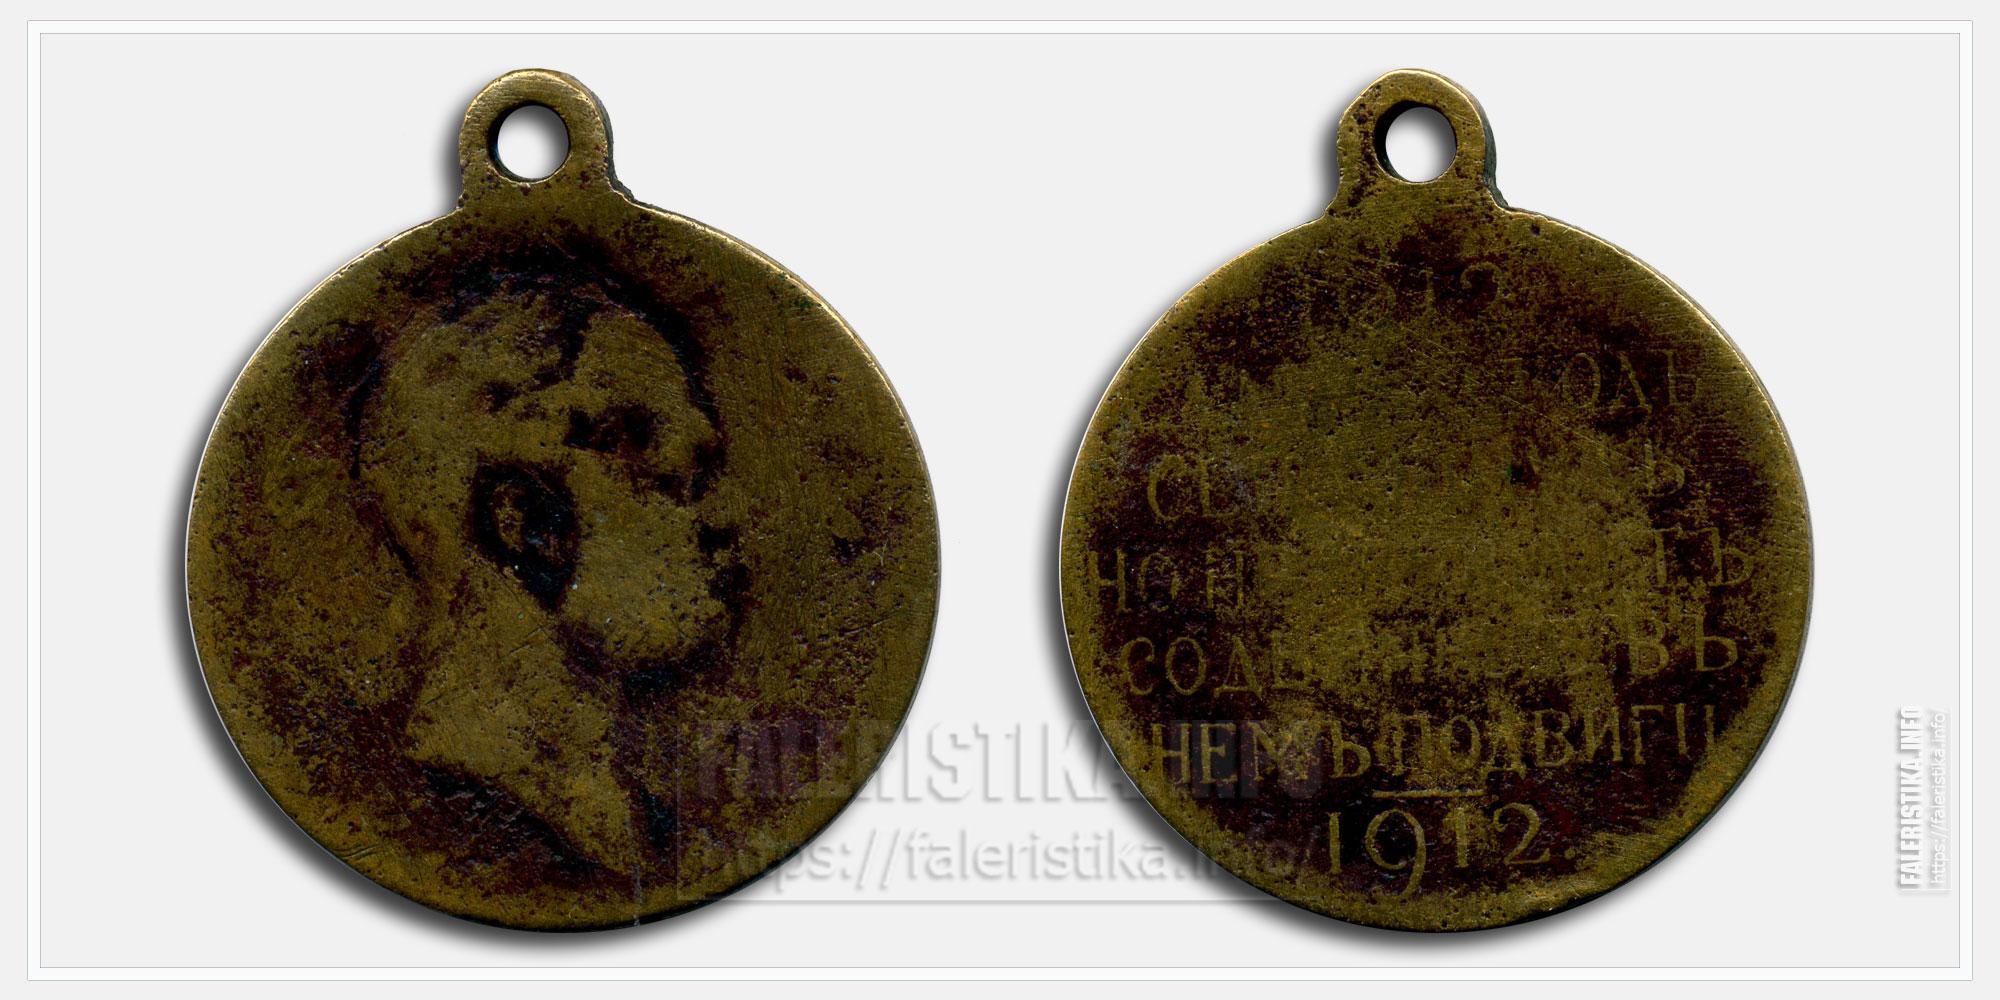 Медаль в честь 100-летия Победы в Отечественной войне 1812 года